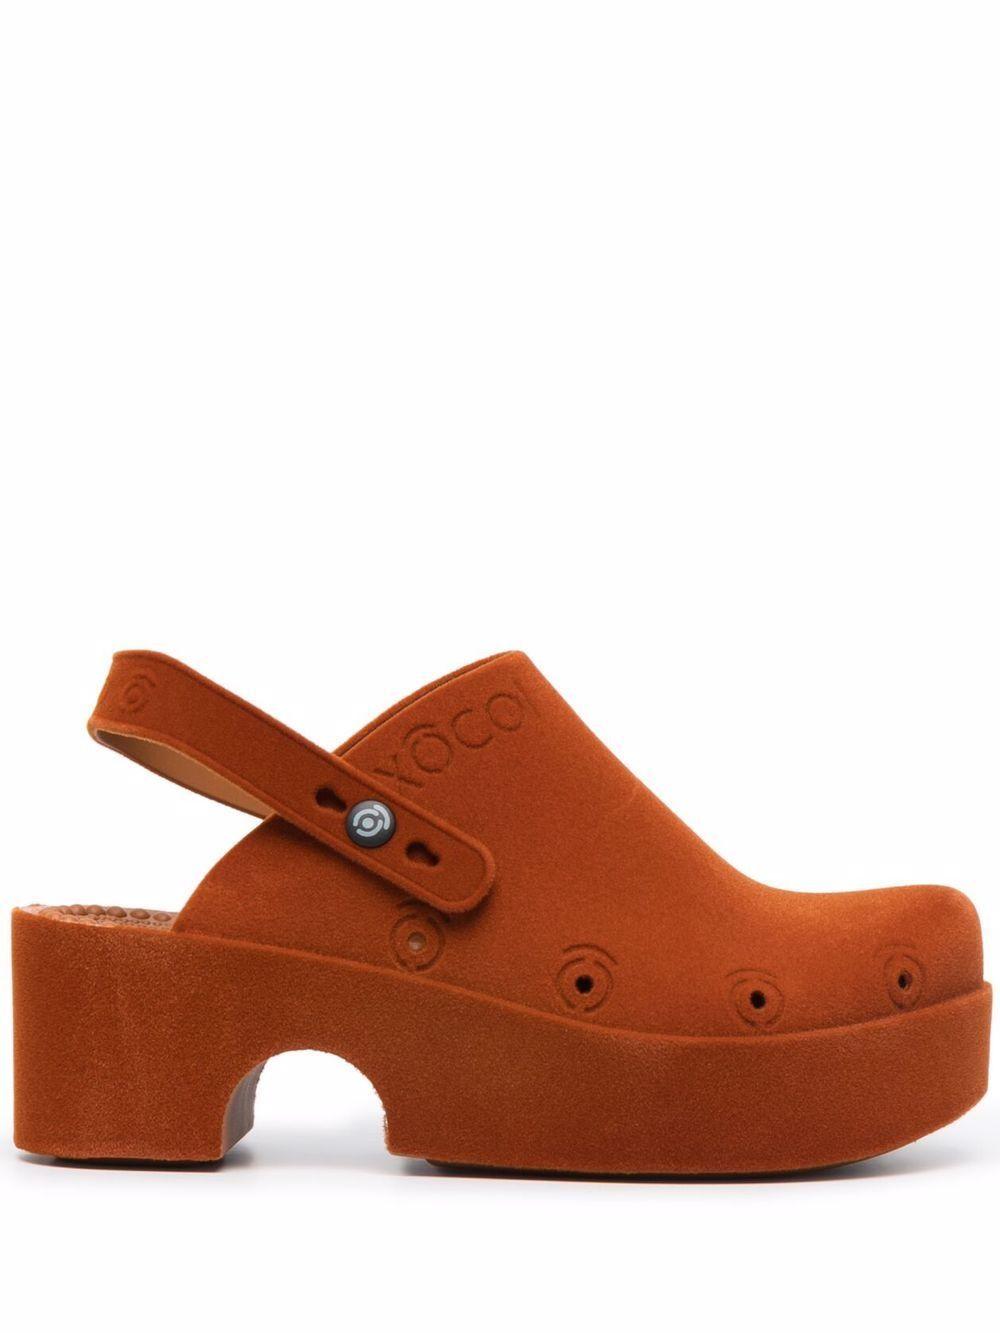 Low clogs sandals